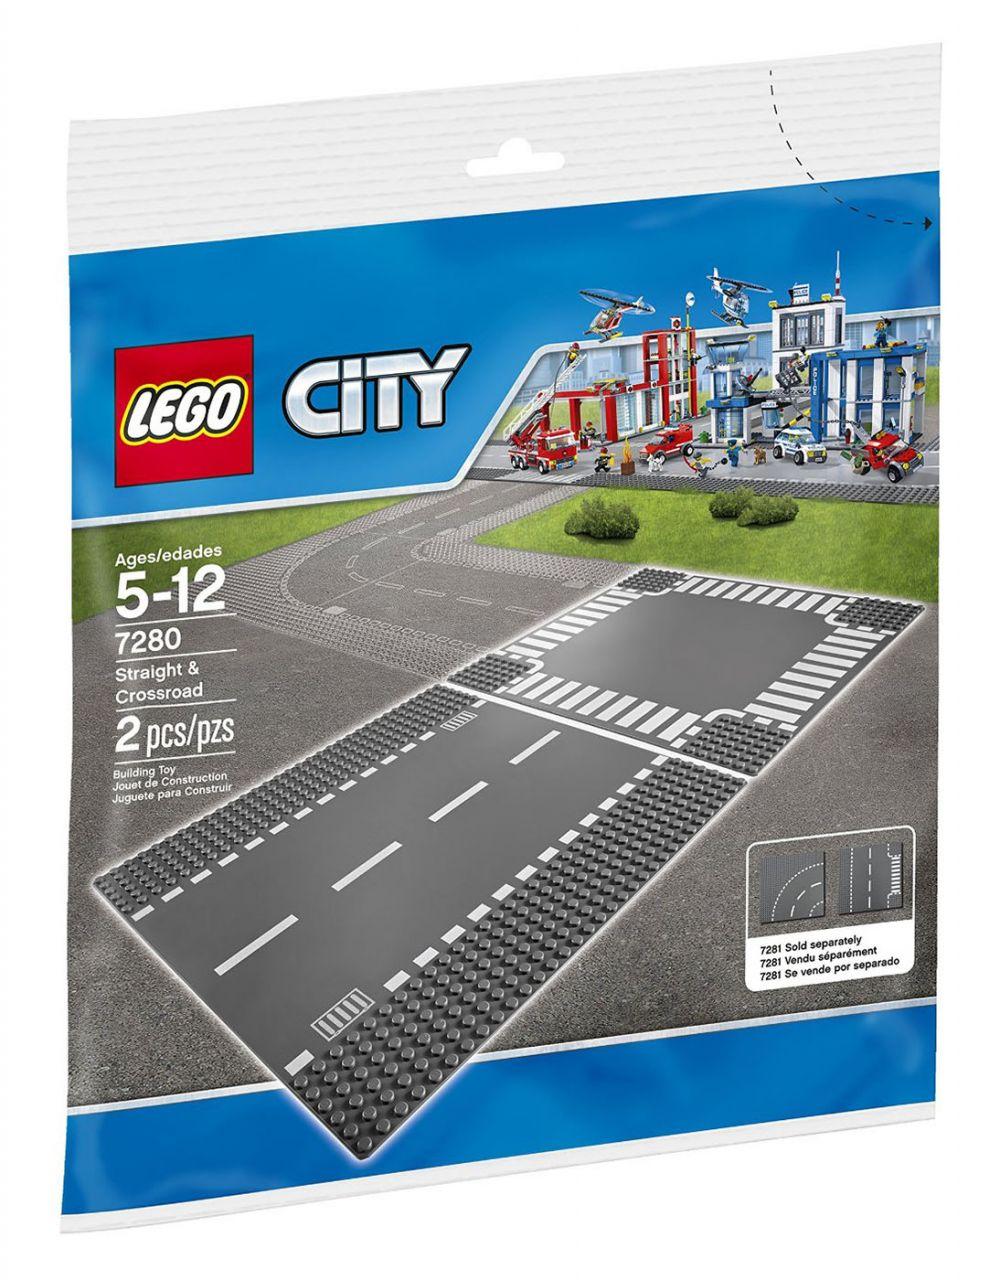 lego city 7280 pas cher plaques de route ligne droite et carrefour. Black Bedroom Furniture Sets. Home Design Ideas